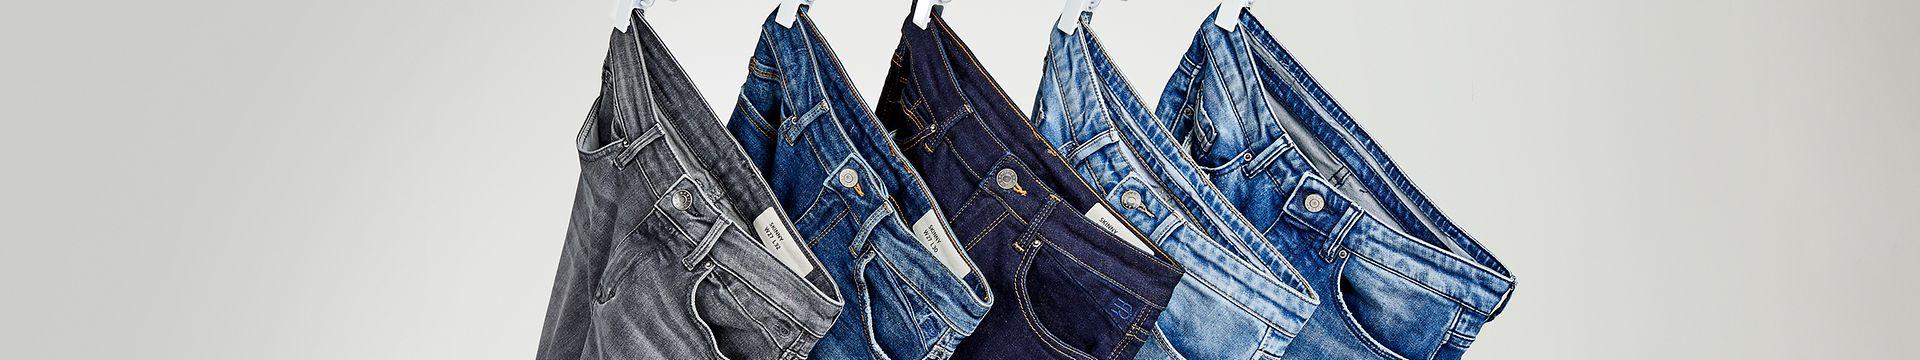 102021 - women - pov banner - jeans - IMG